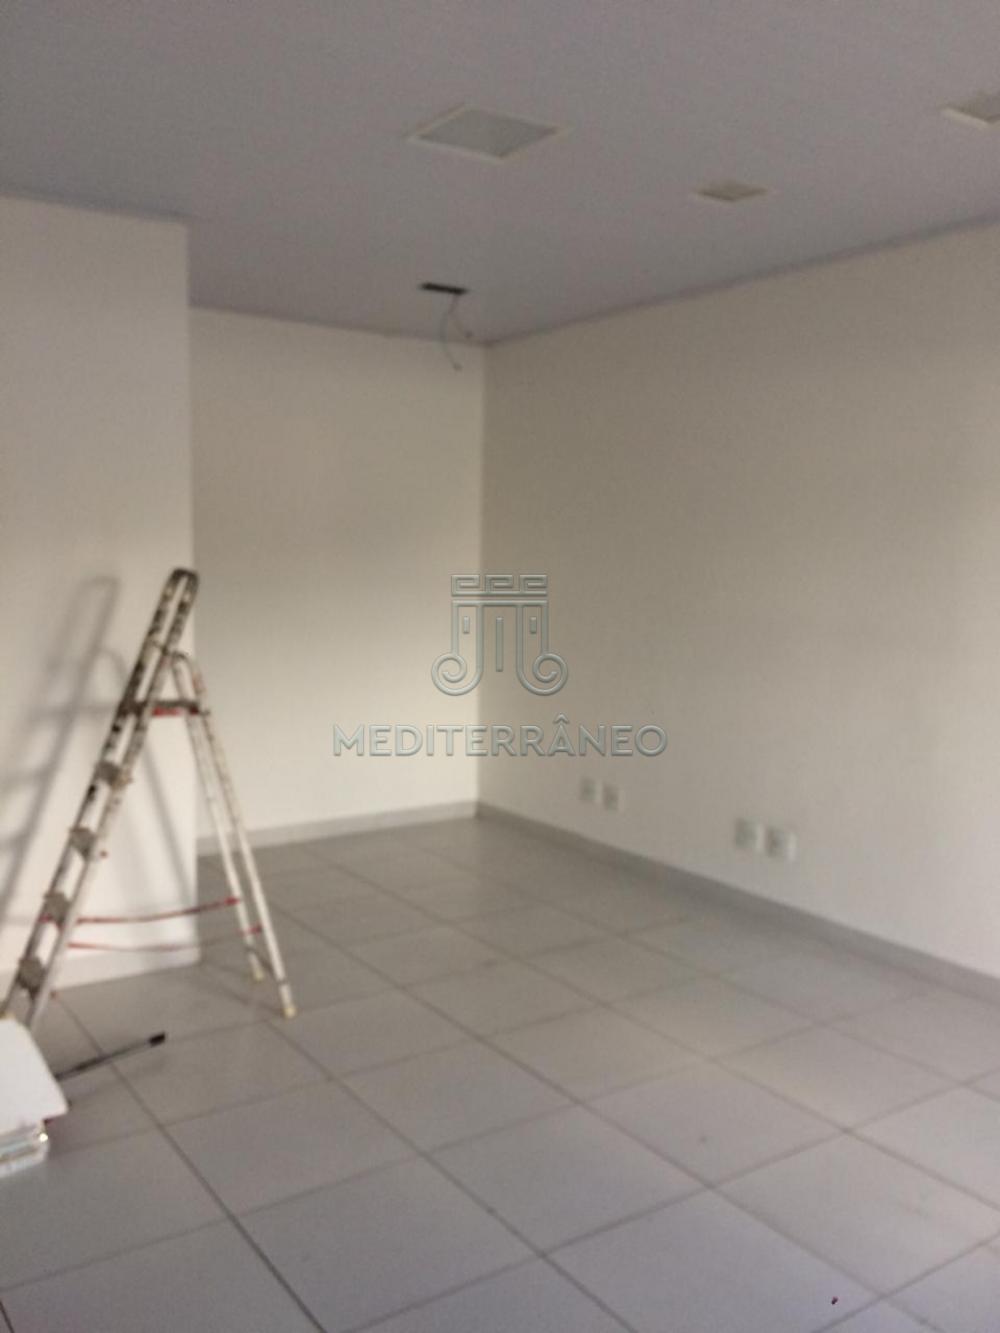 Alugar Comercial / Sala em Jundiaí apenas R$ 1.300,00 - Foto 4